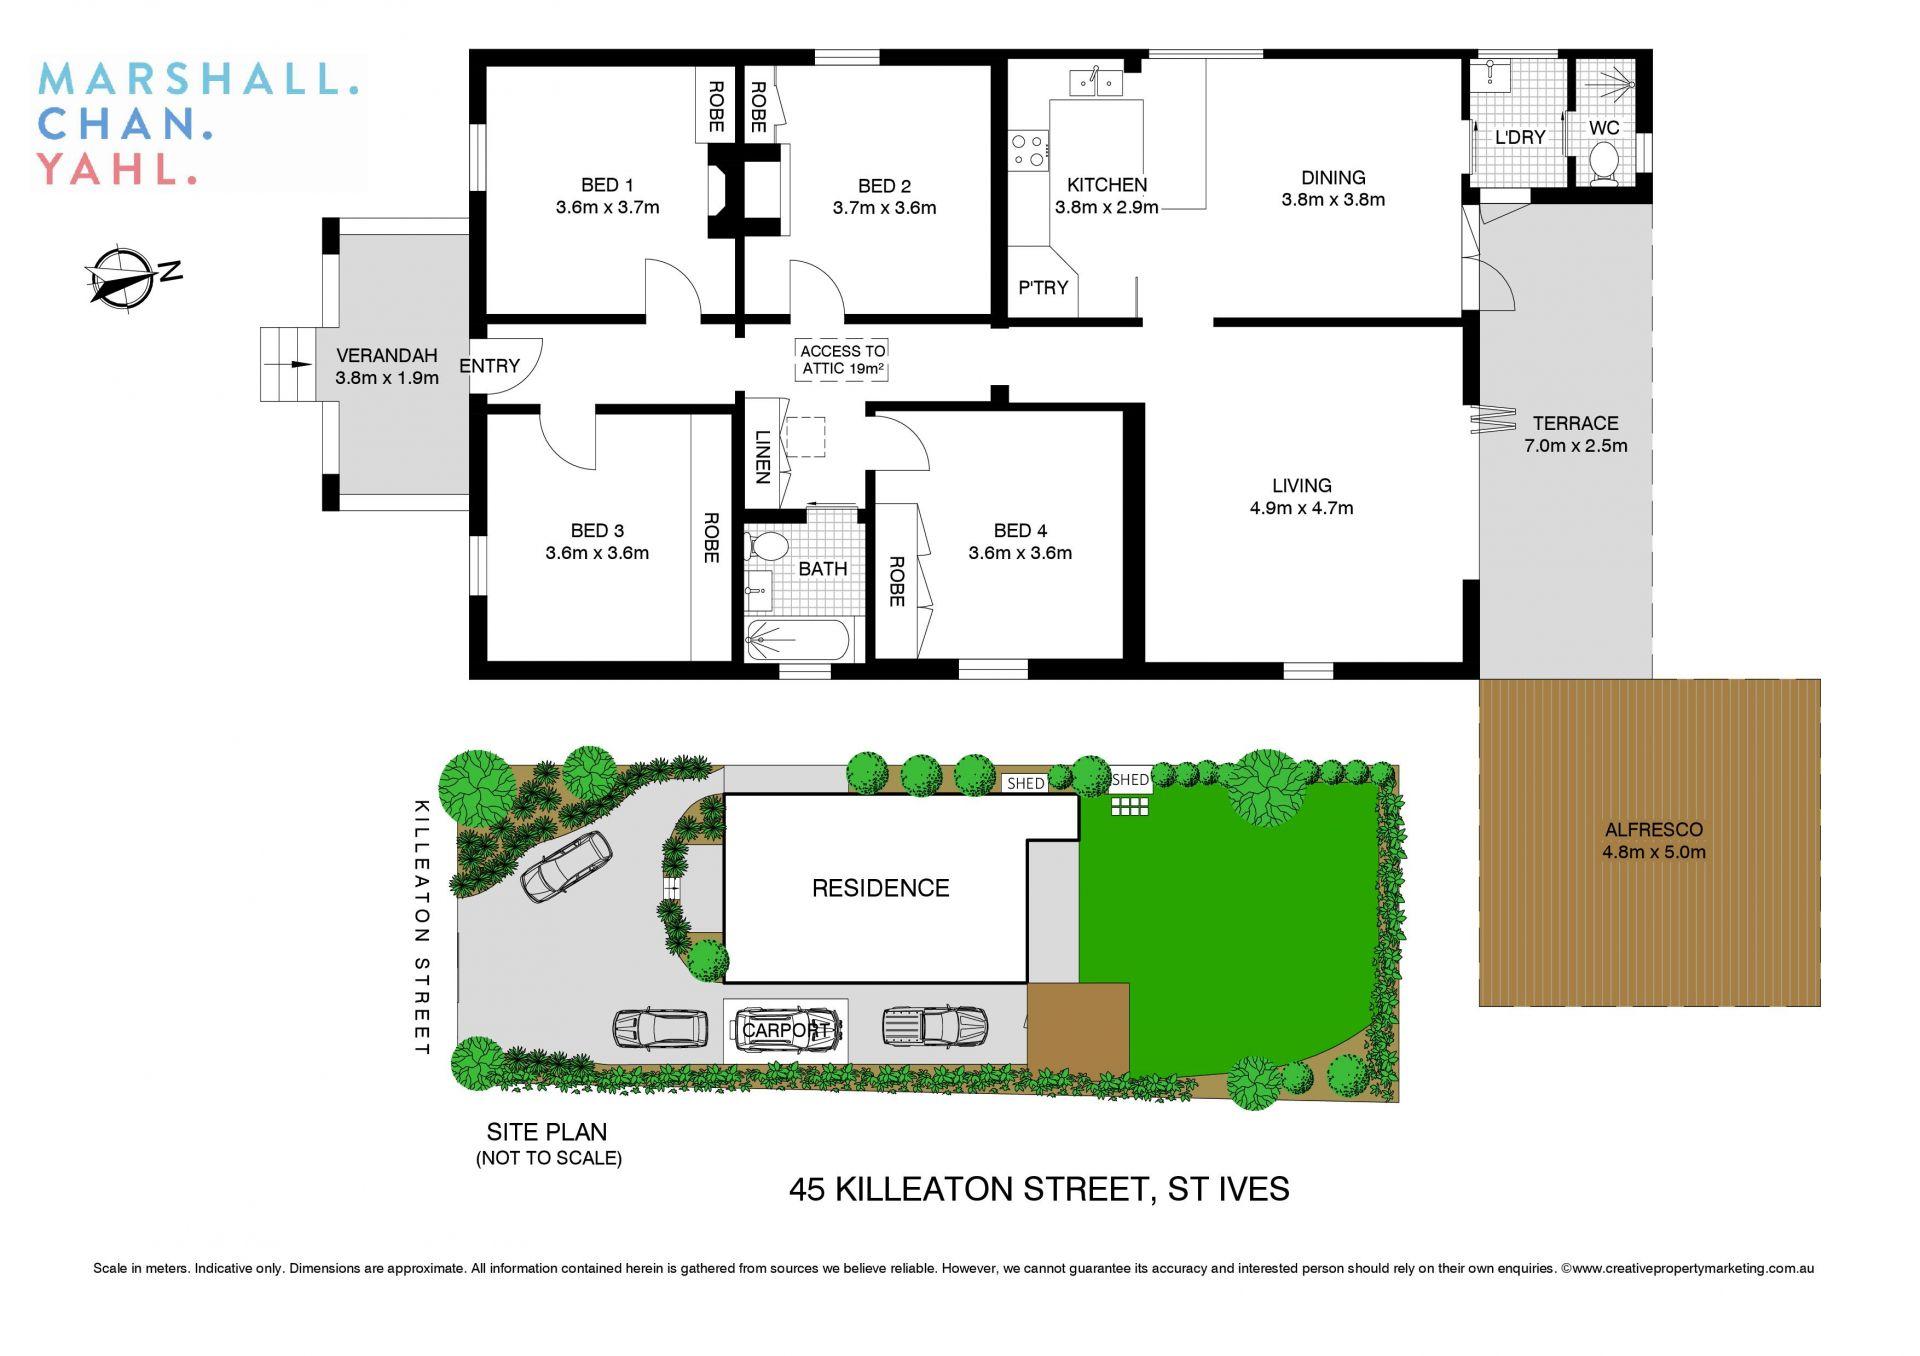 45 Killeaton Street St Ives 2075